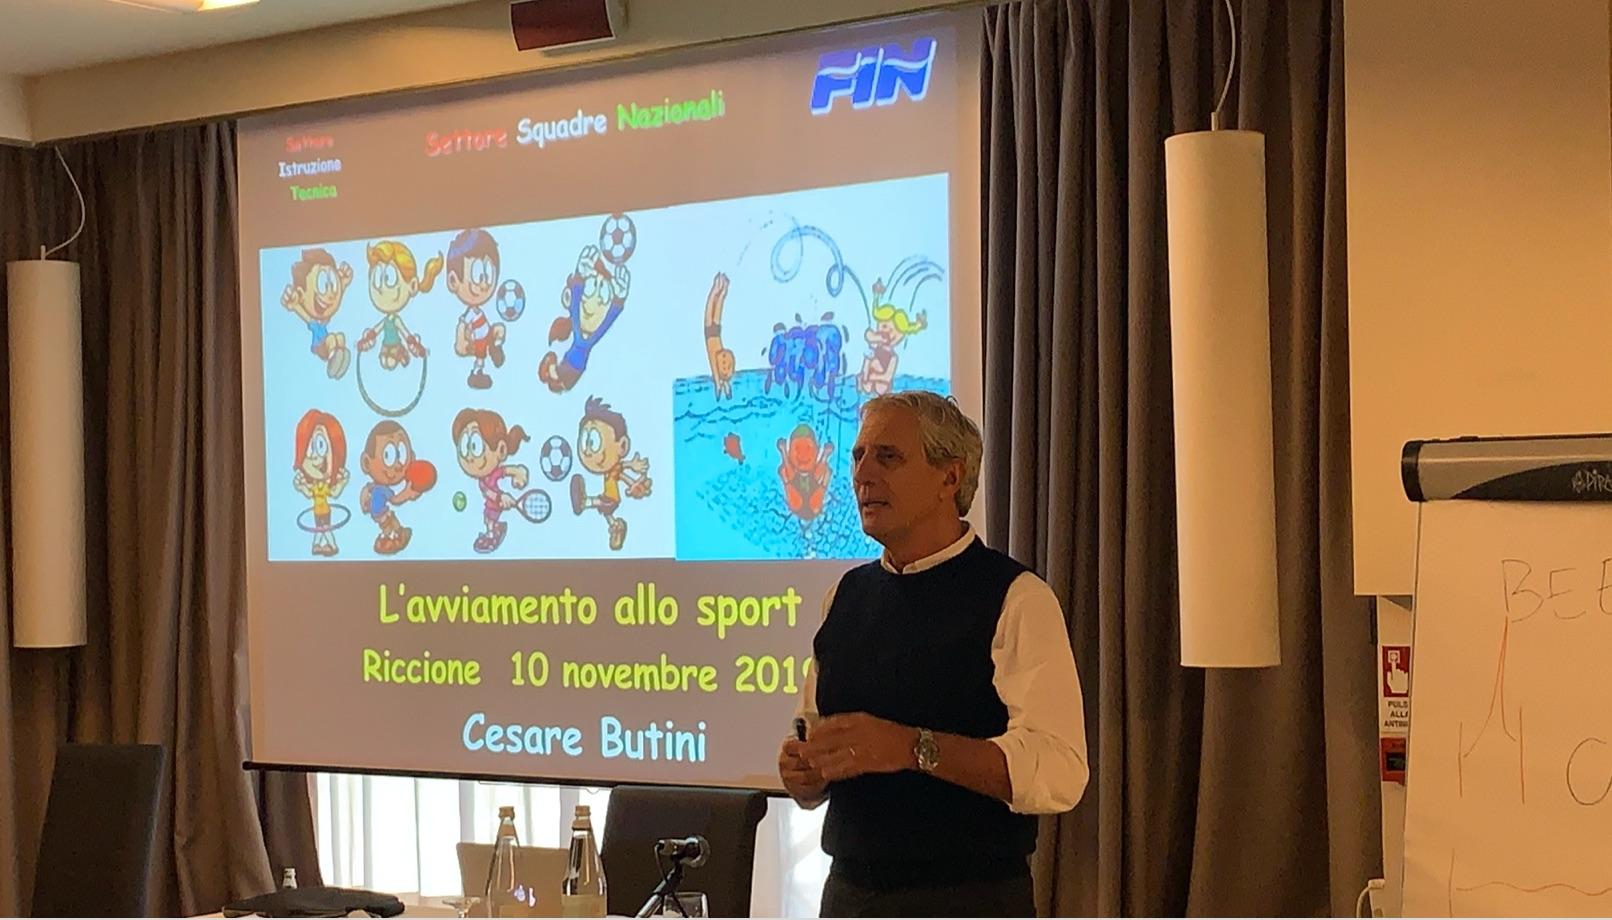 """Cesare Butini: """"Amicali, non amichevoli"""""""